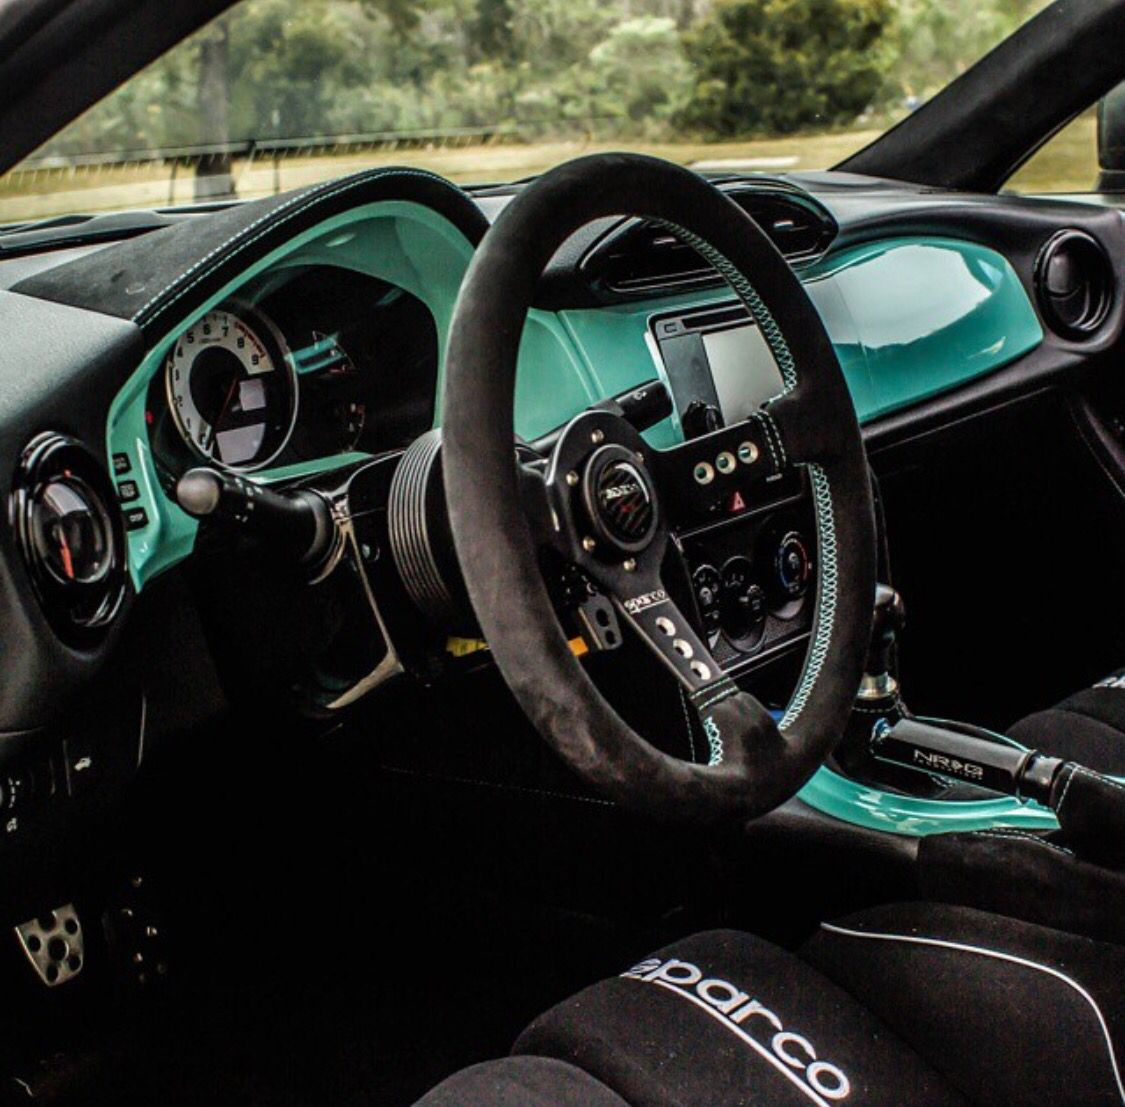 Custom Jdm Car Interior - Custom Cars